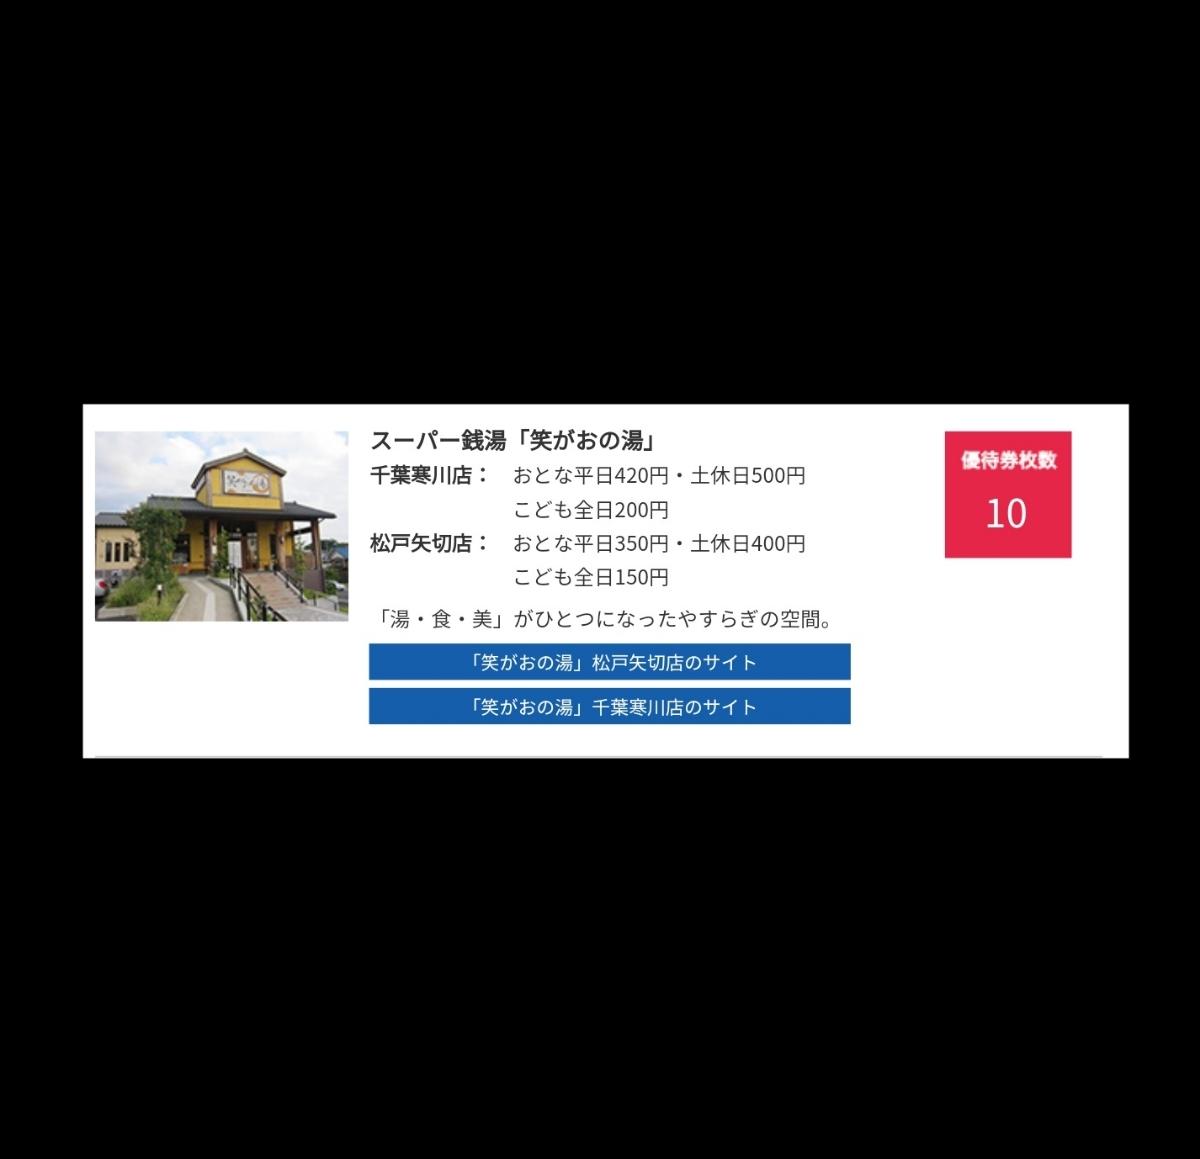 【送料込】 京成電鉄株主優待券「笑がおの湯」のみ10枚(11/30迄)  即決あり